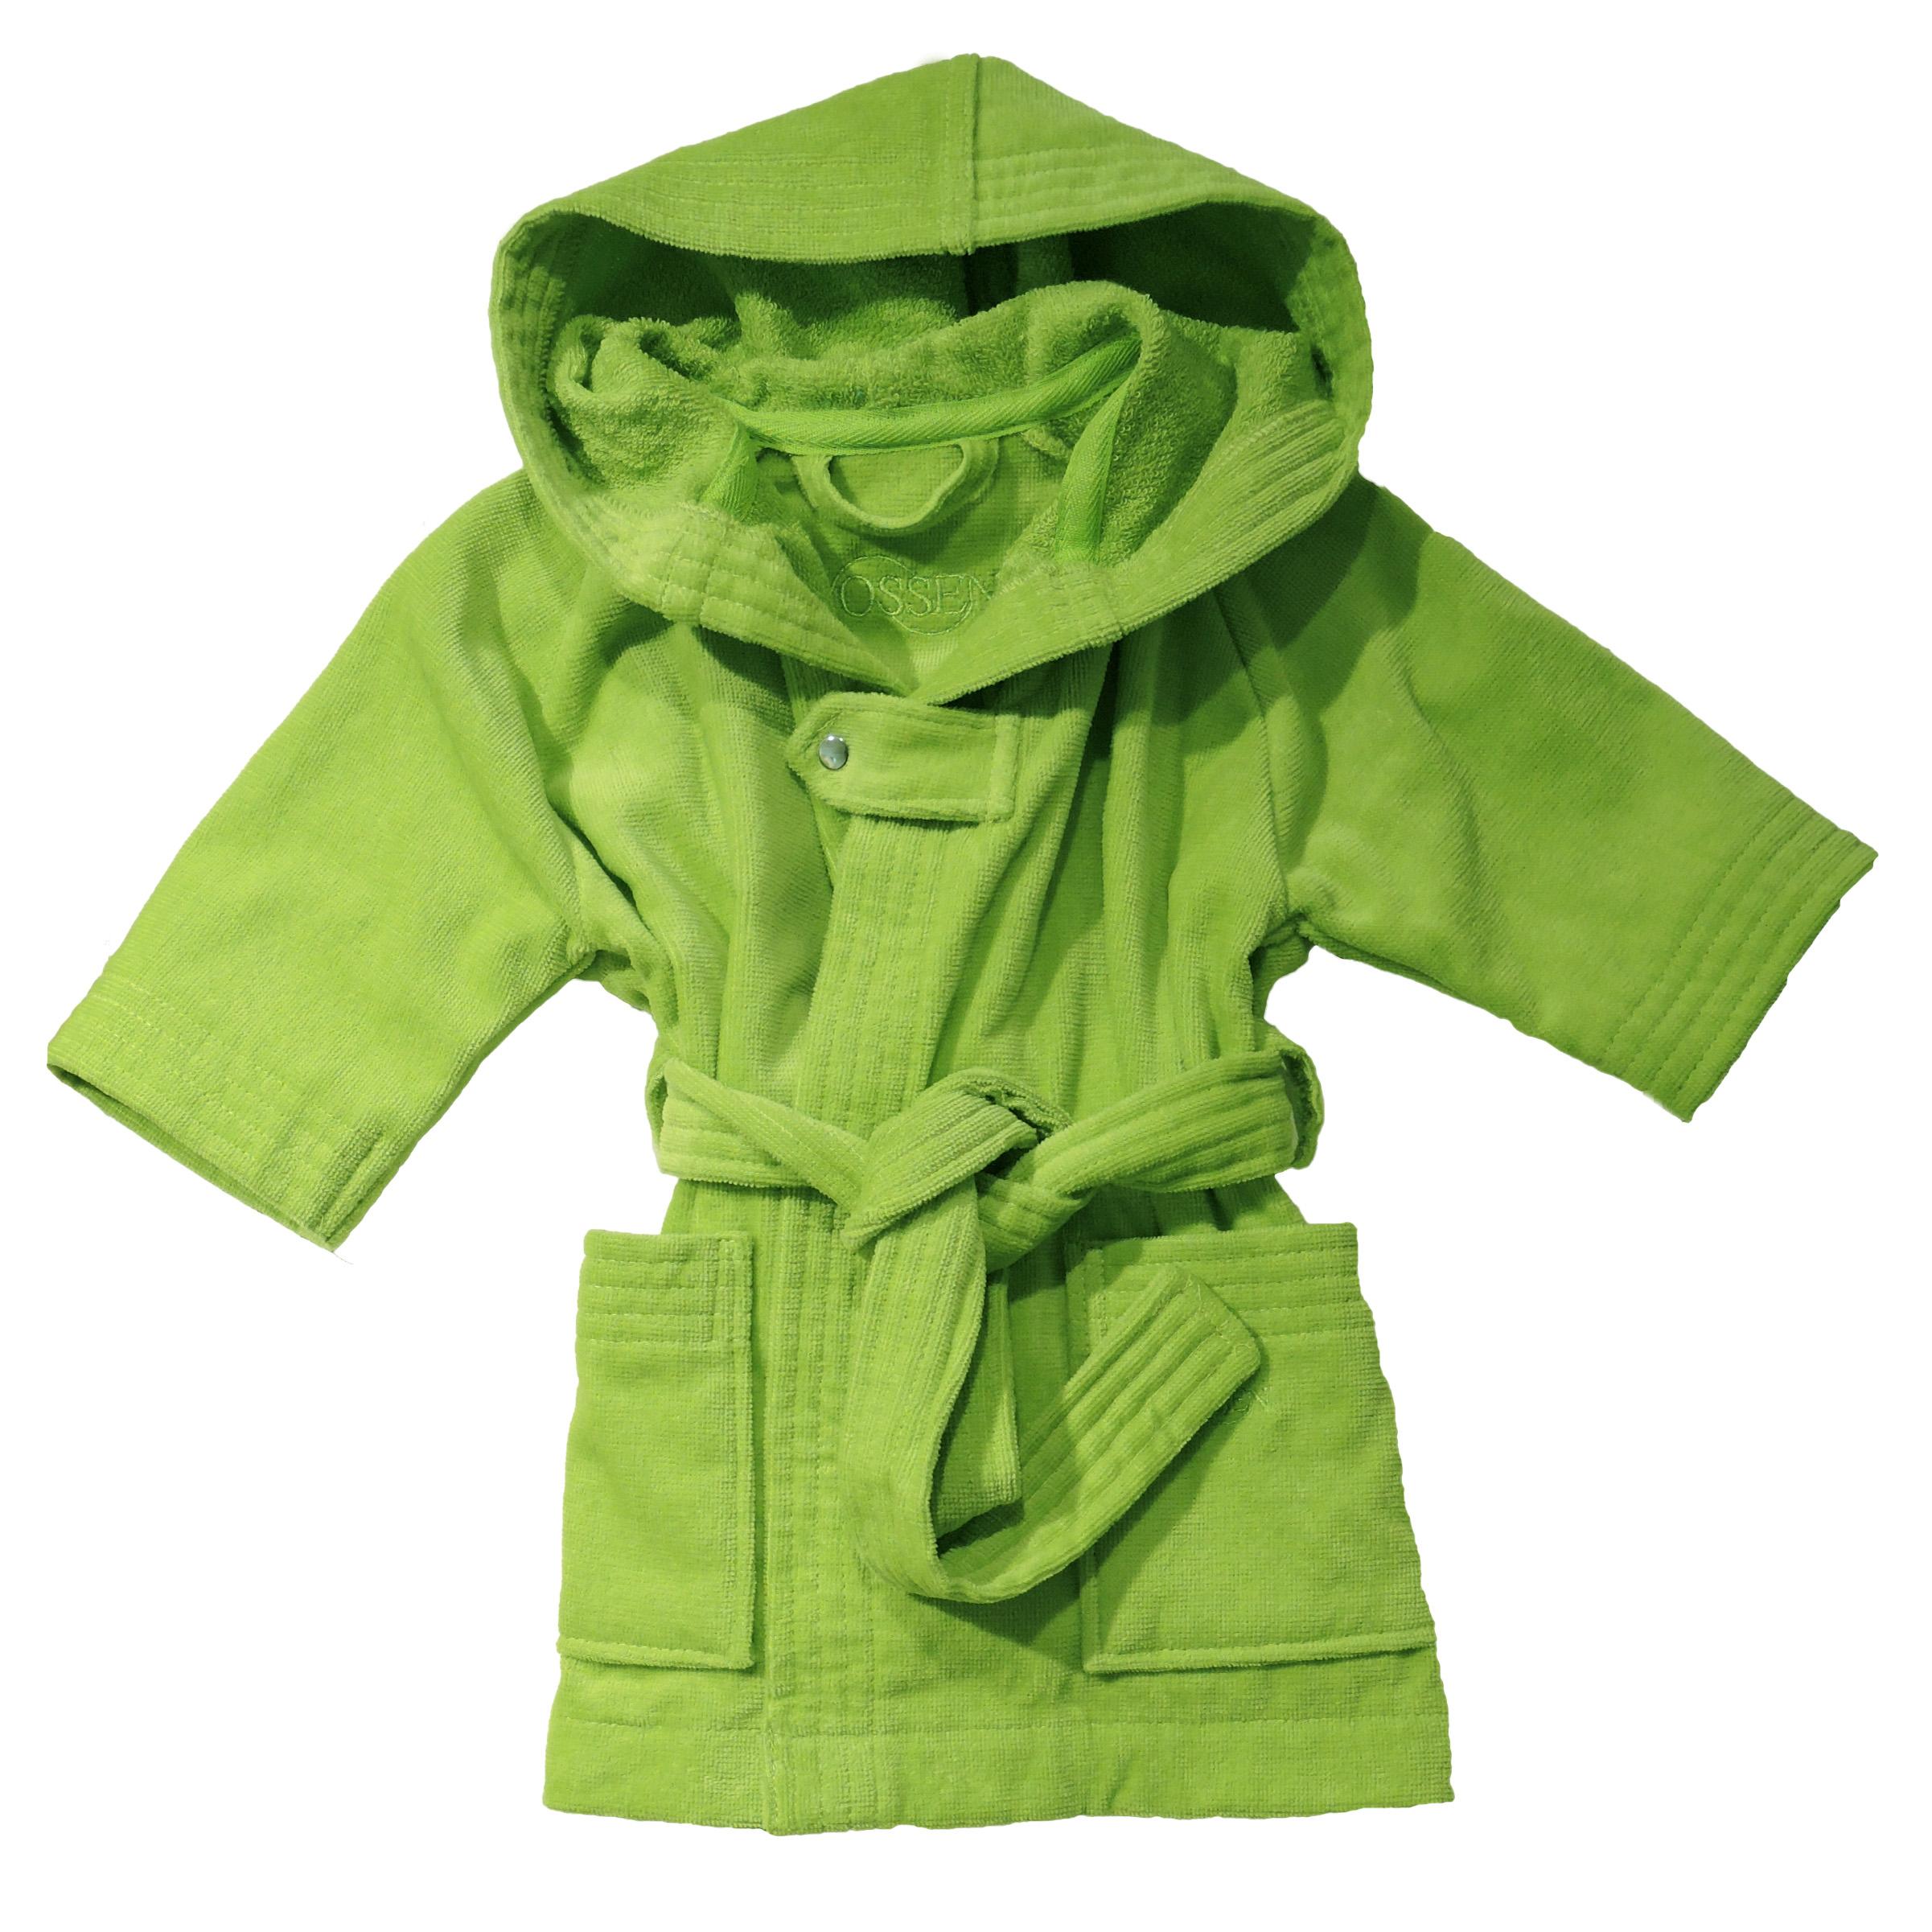 Limegroen babybadjasje met capuchon van veloursbadstof-0